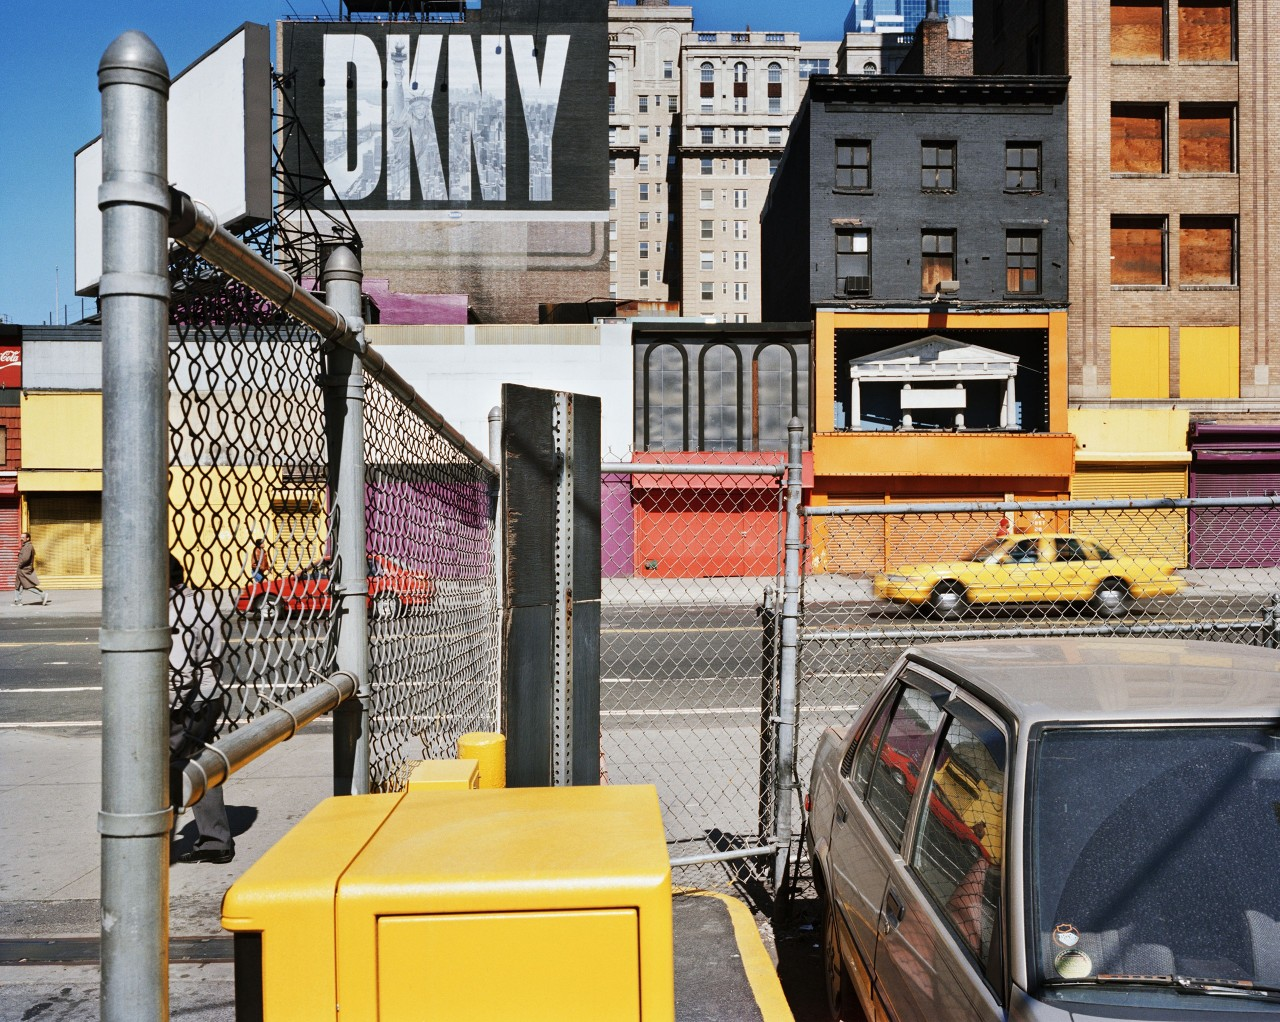 42-я улица около Восьмой авеню, Нью-Йорк, США, 1996. Фотограф Ларс Тунбьёрк